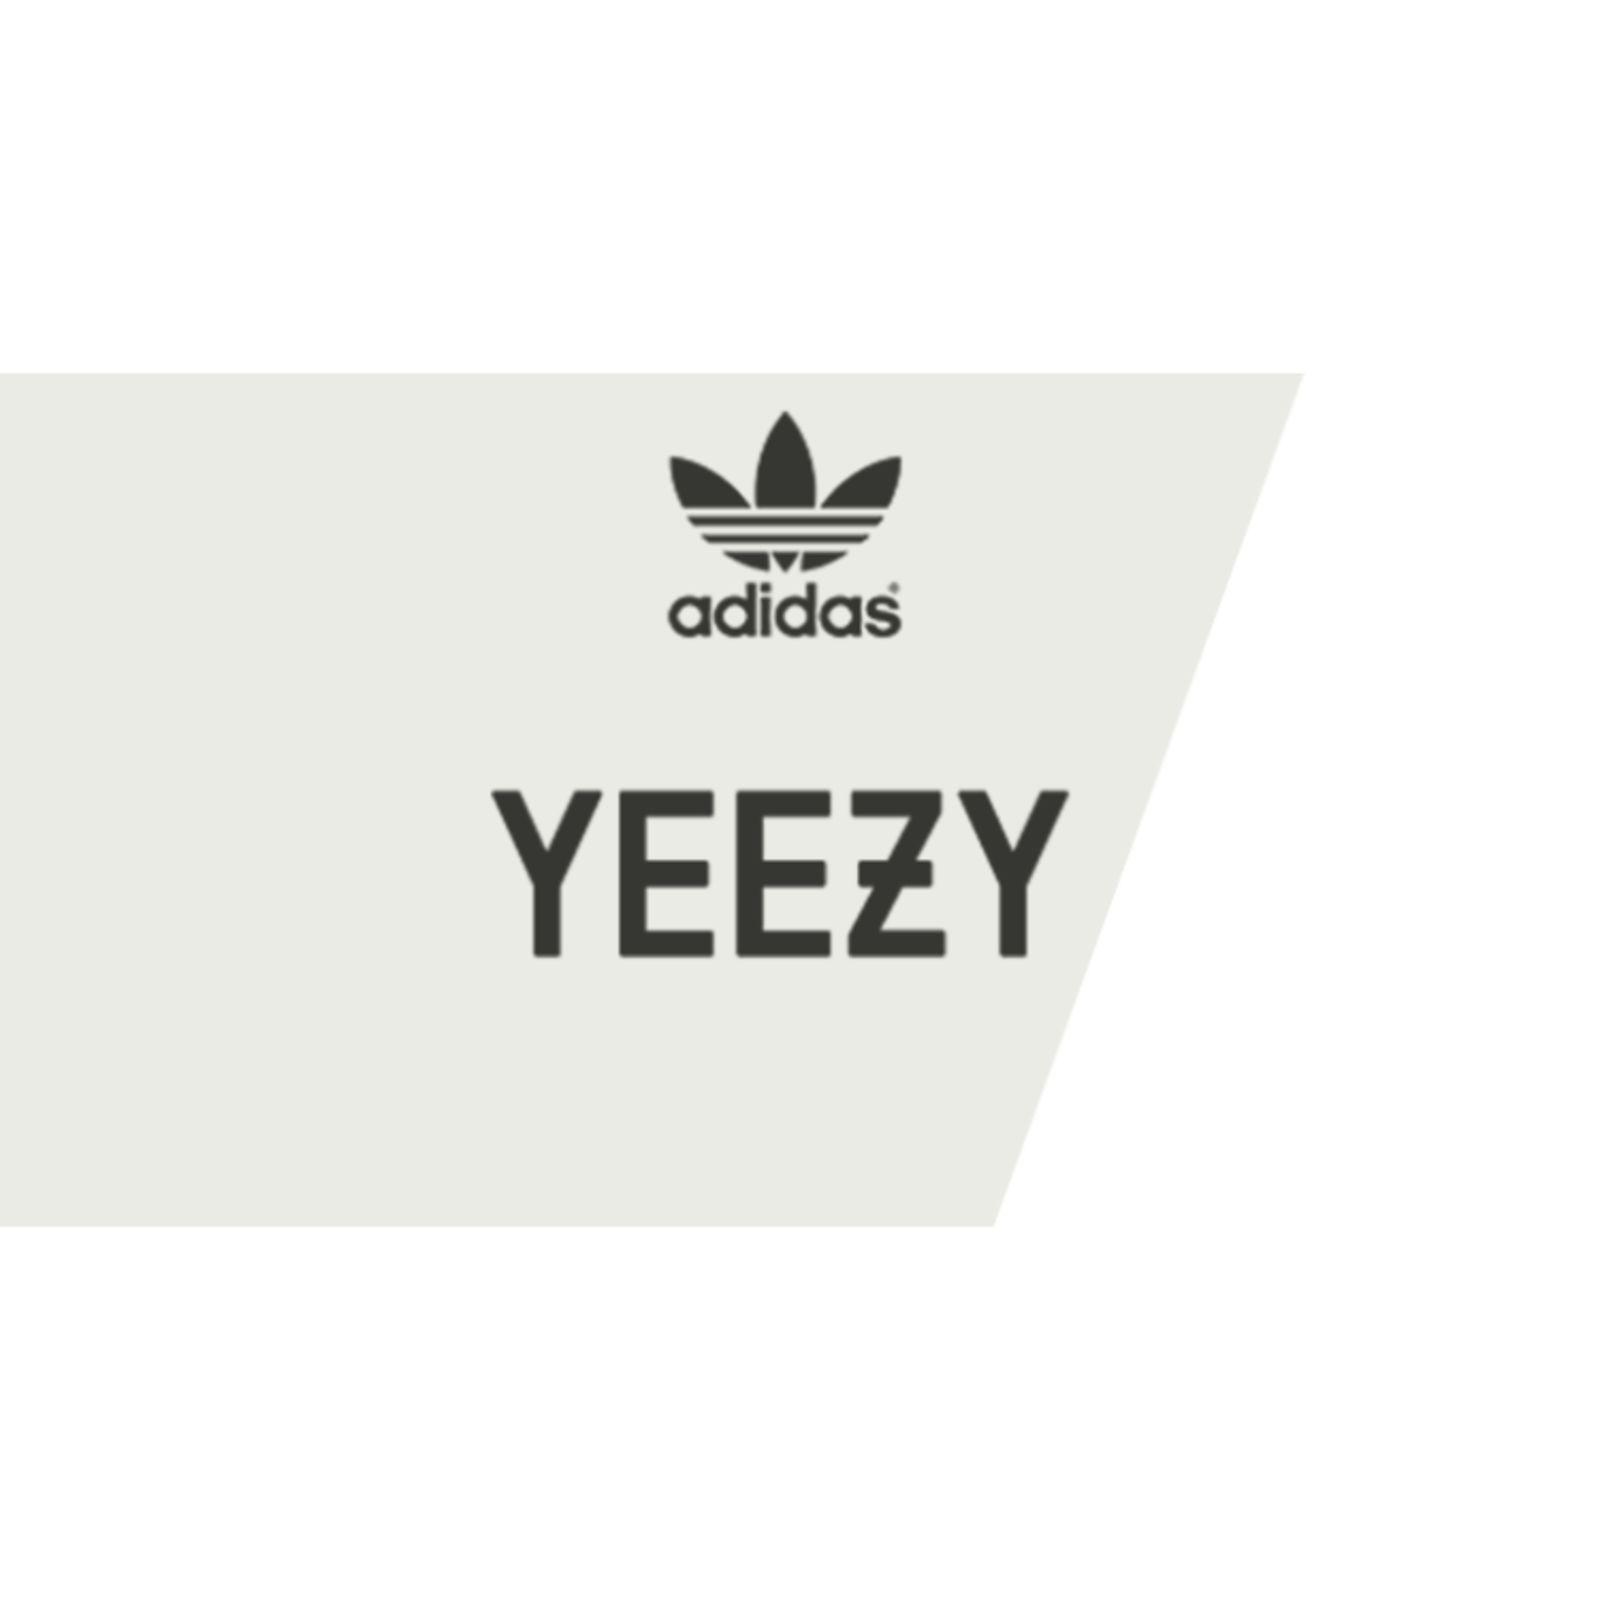 YEEZY adidas Originals x Kanye West (Image 1)